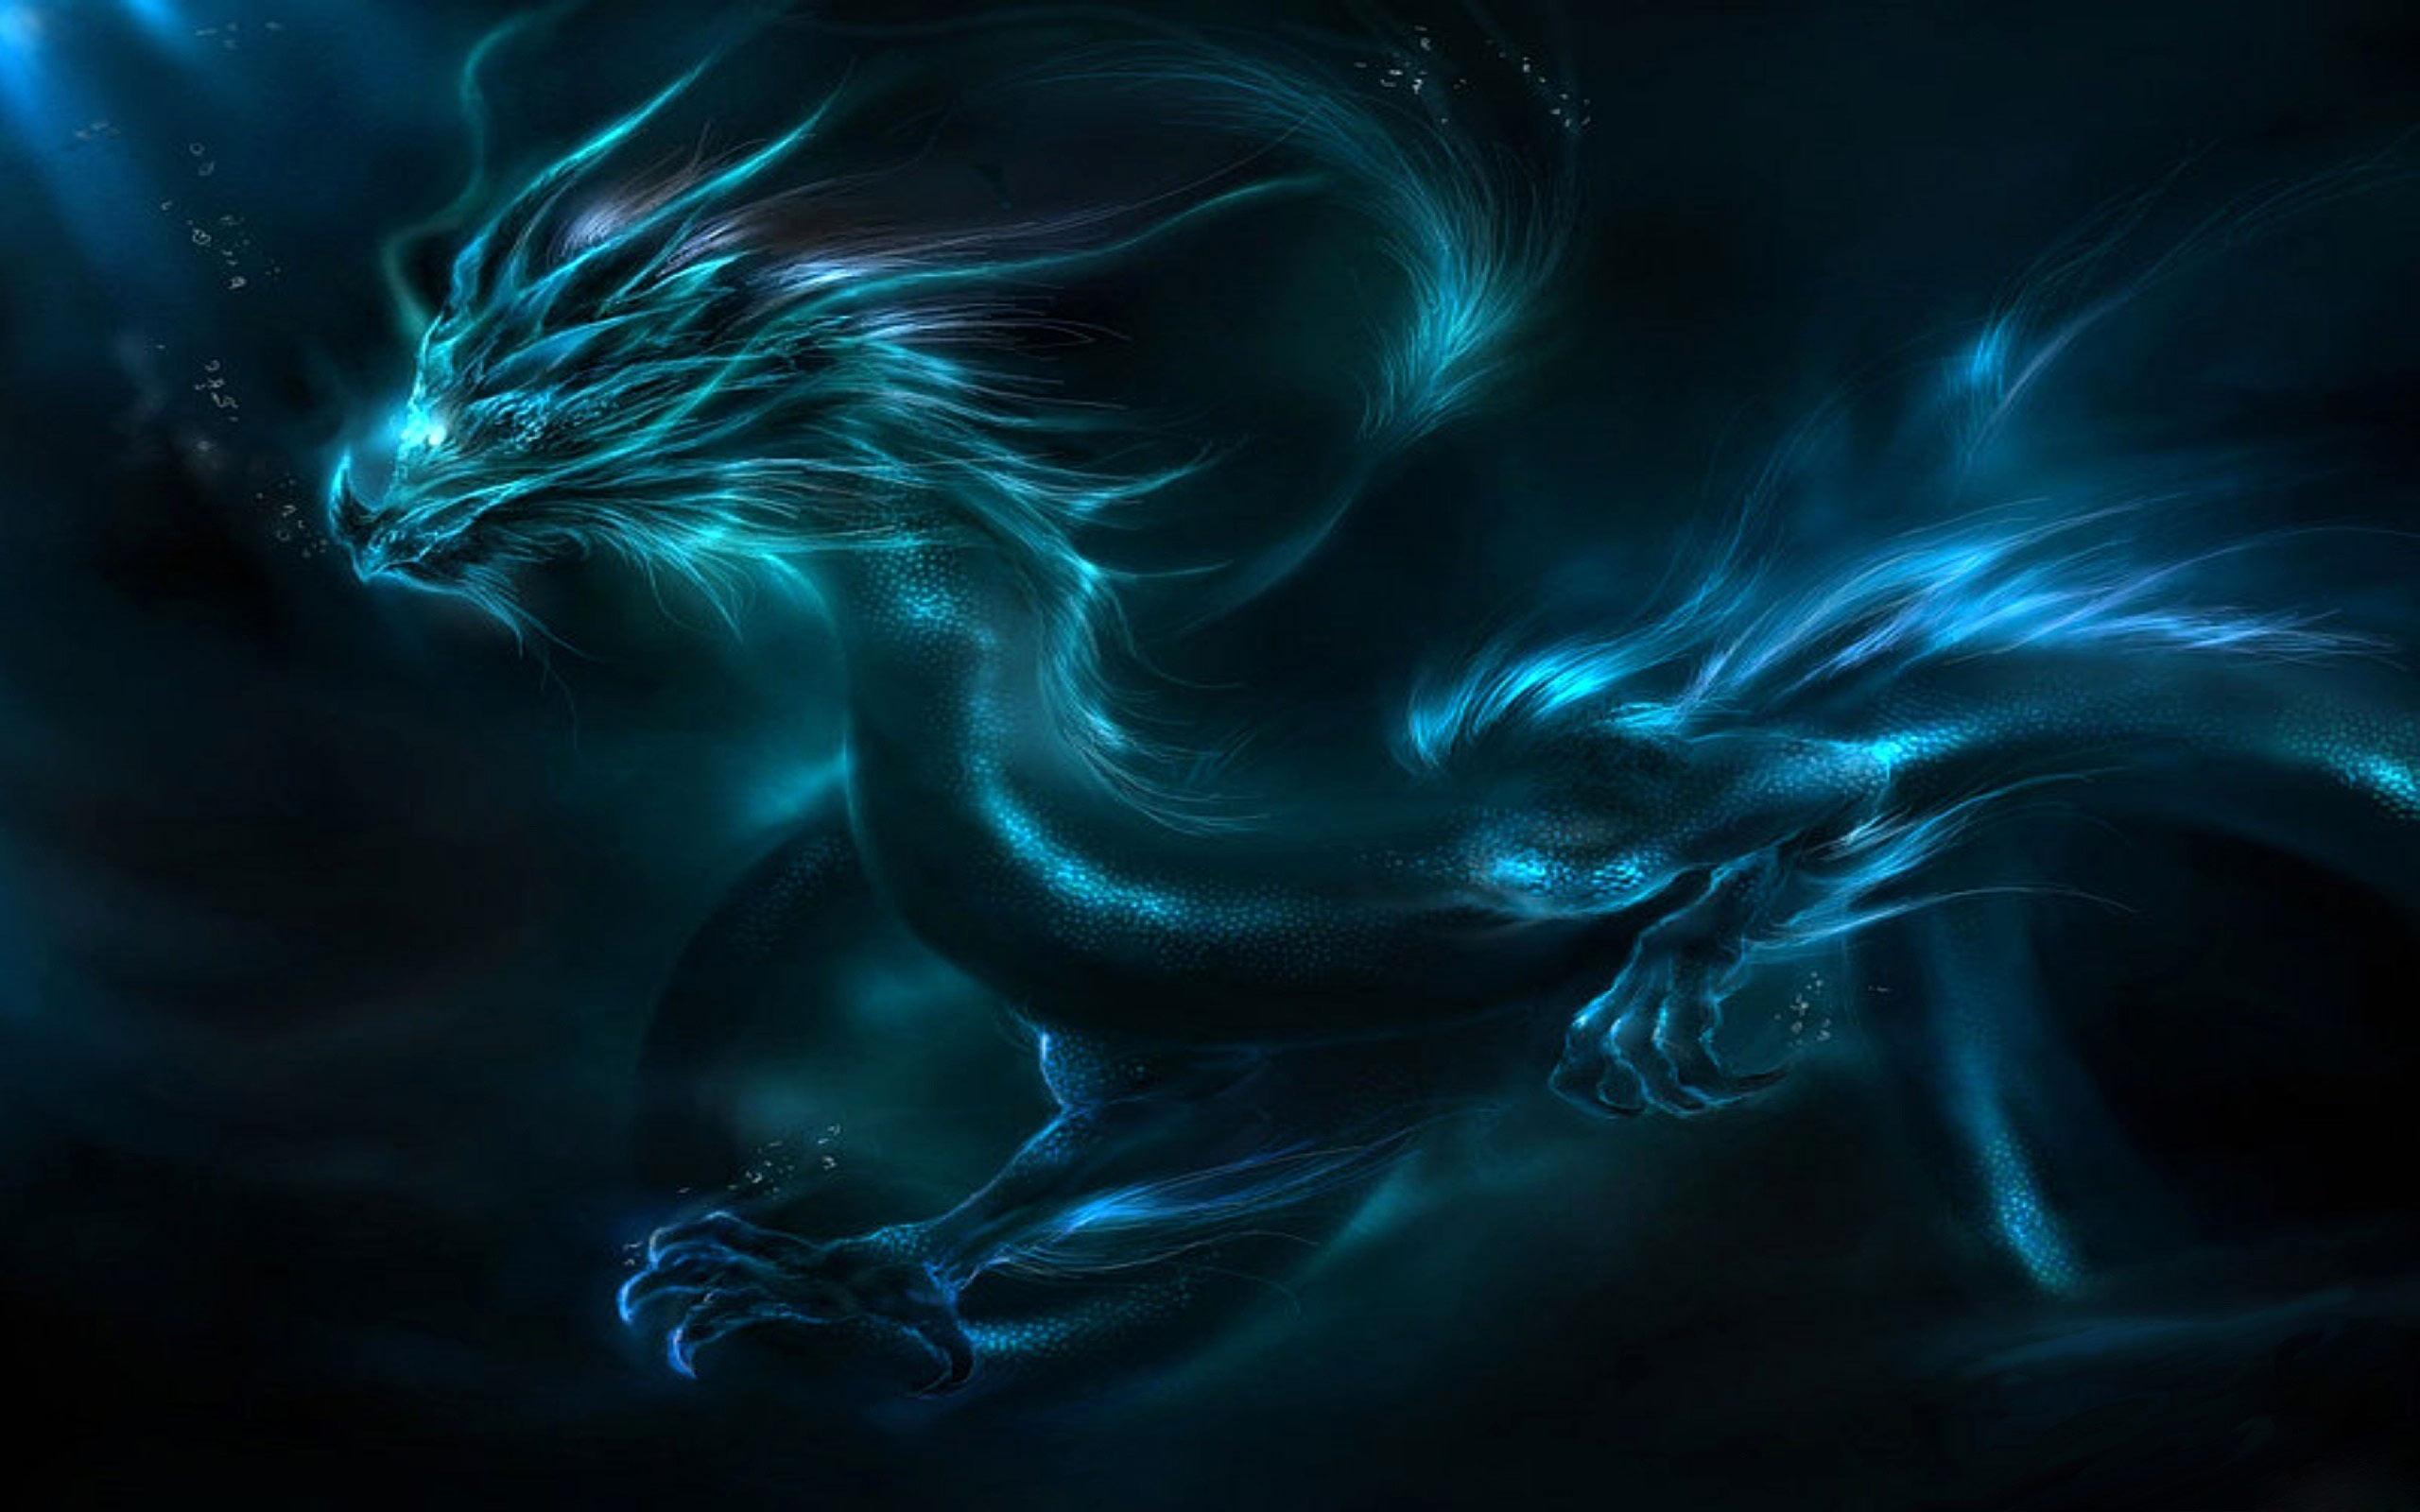 Blue-Dragon-Wallpaper